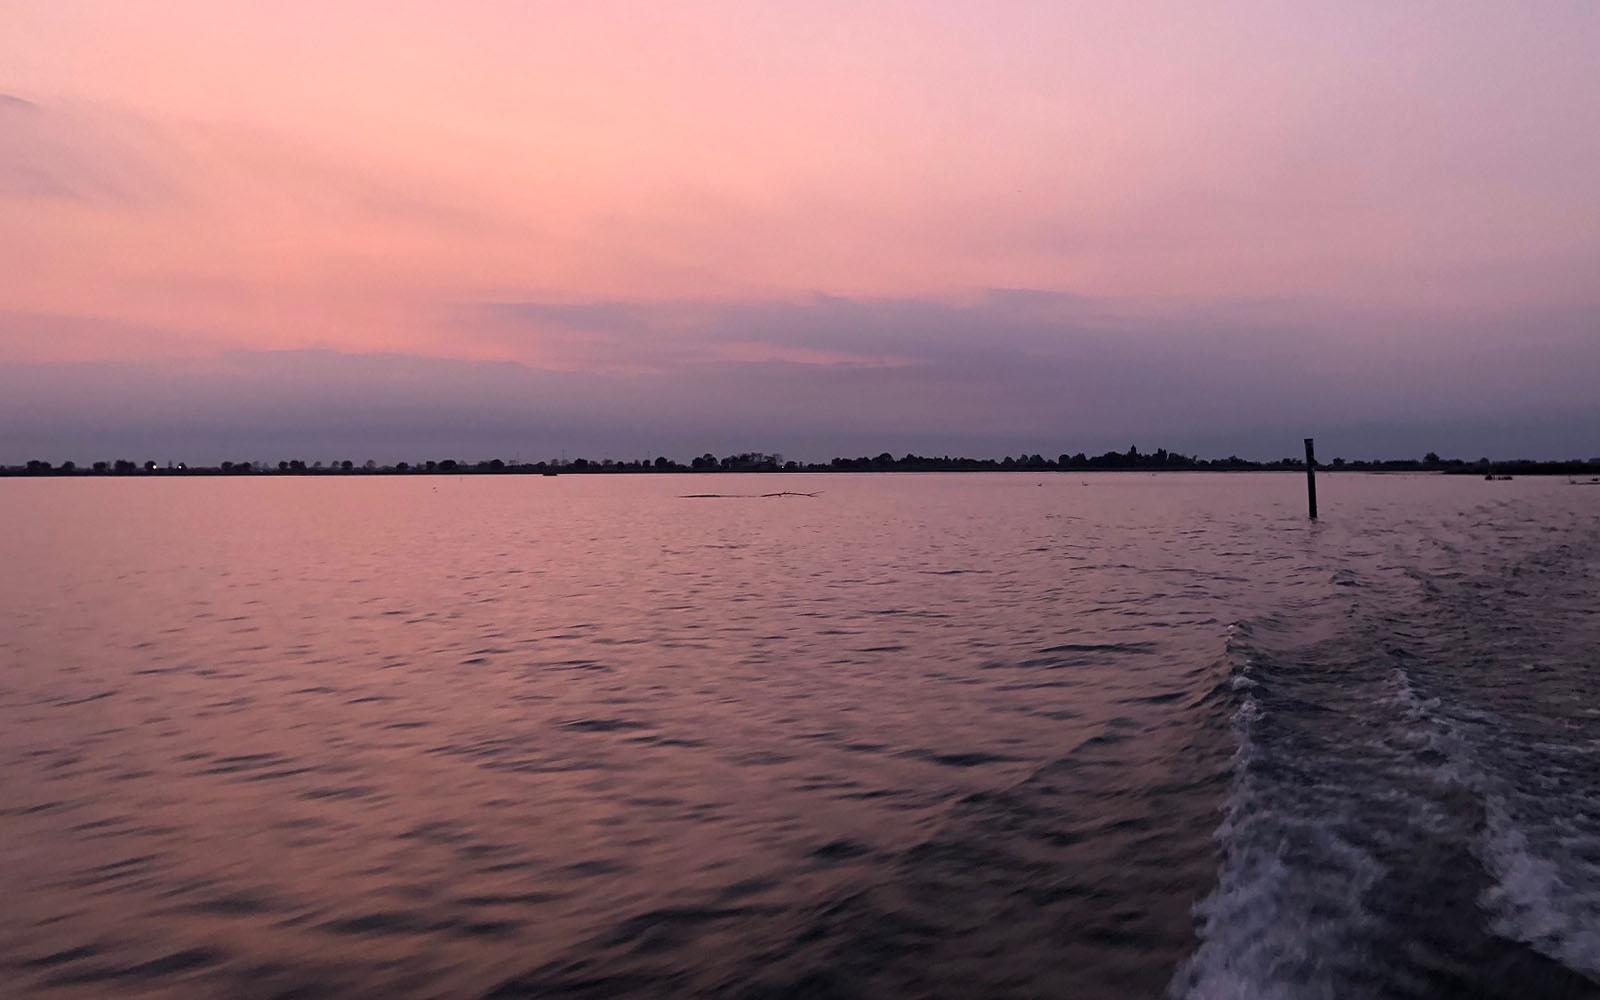 La laguna al tramonto.